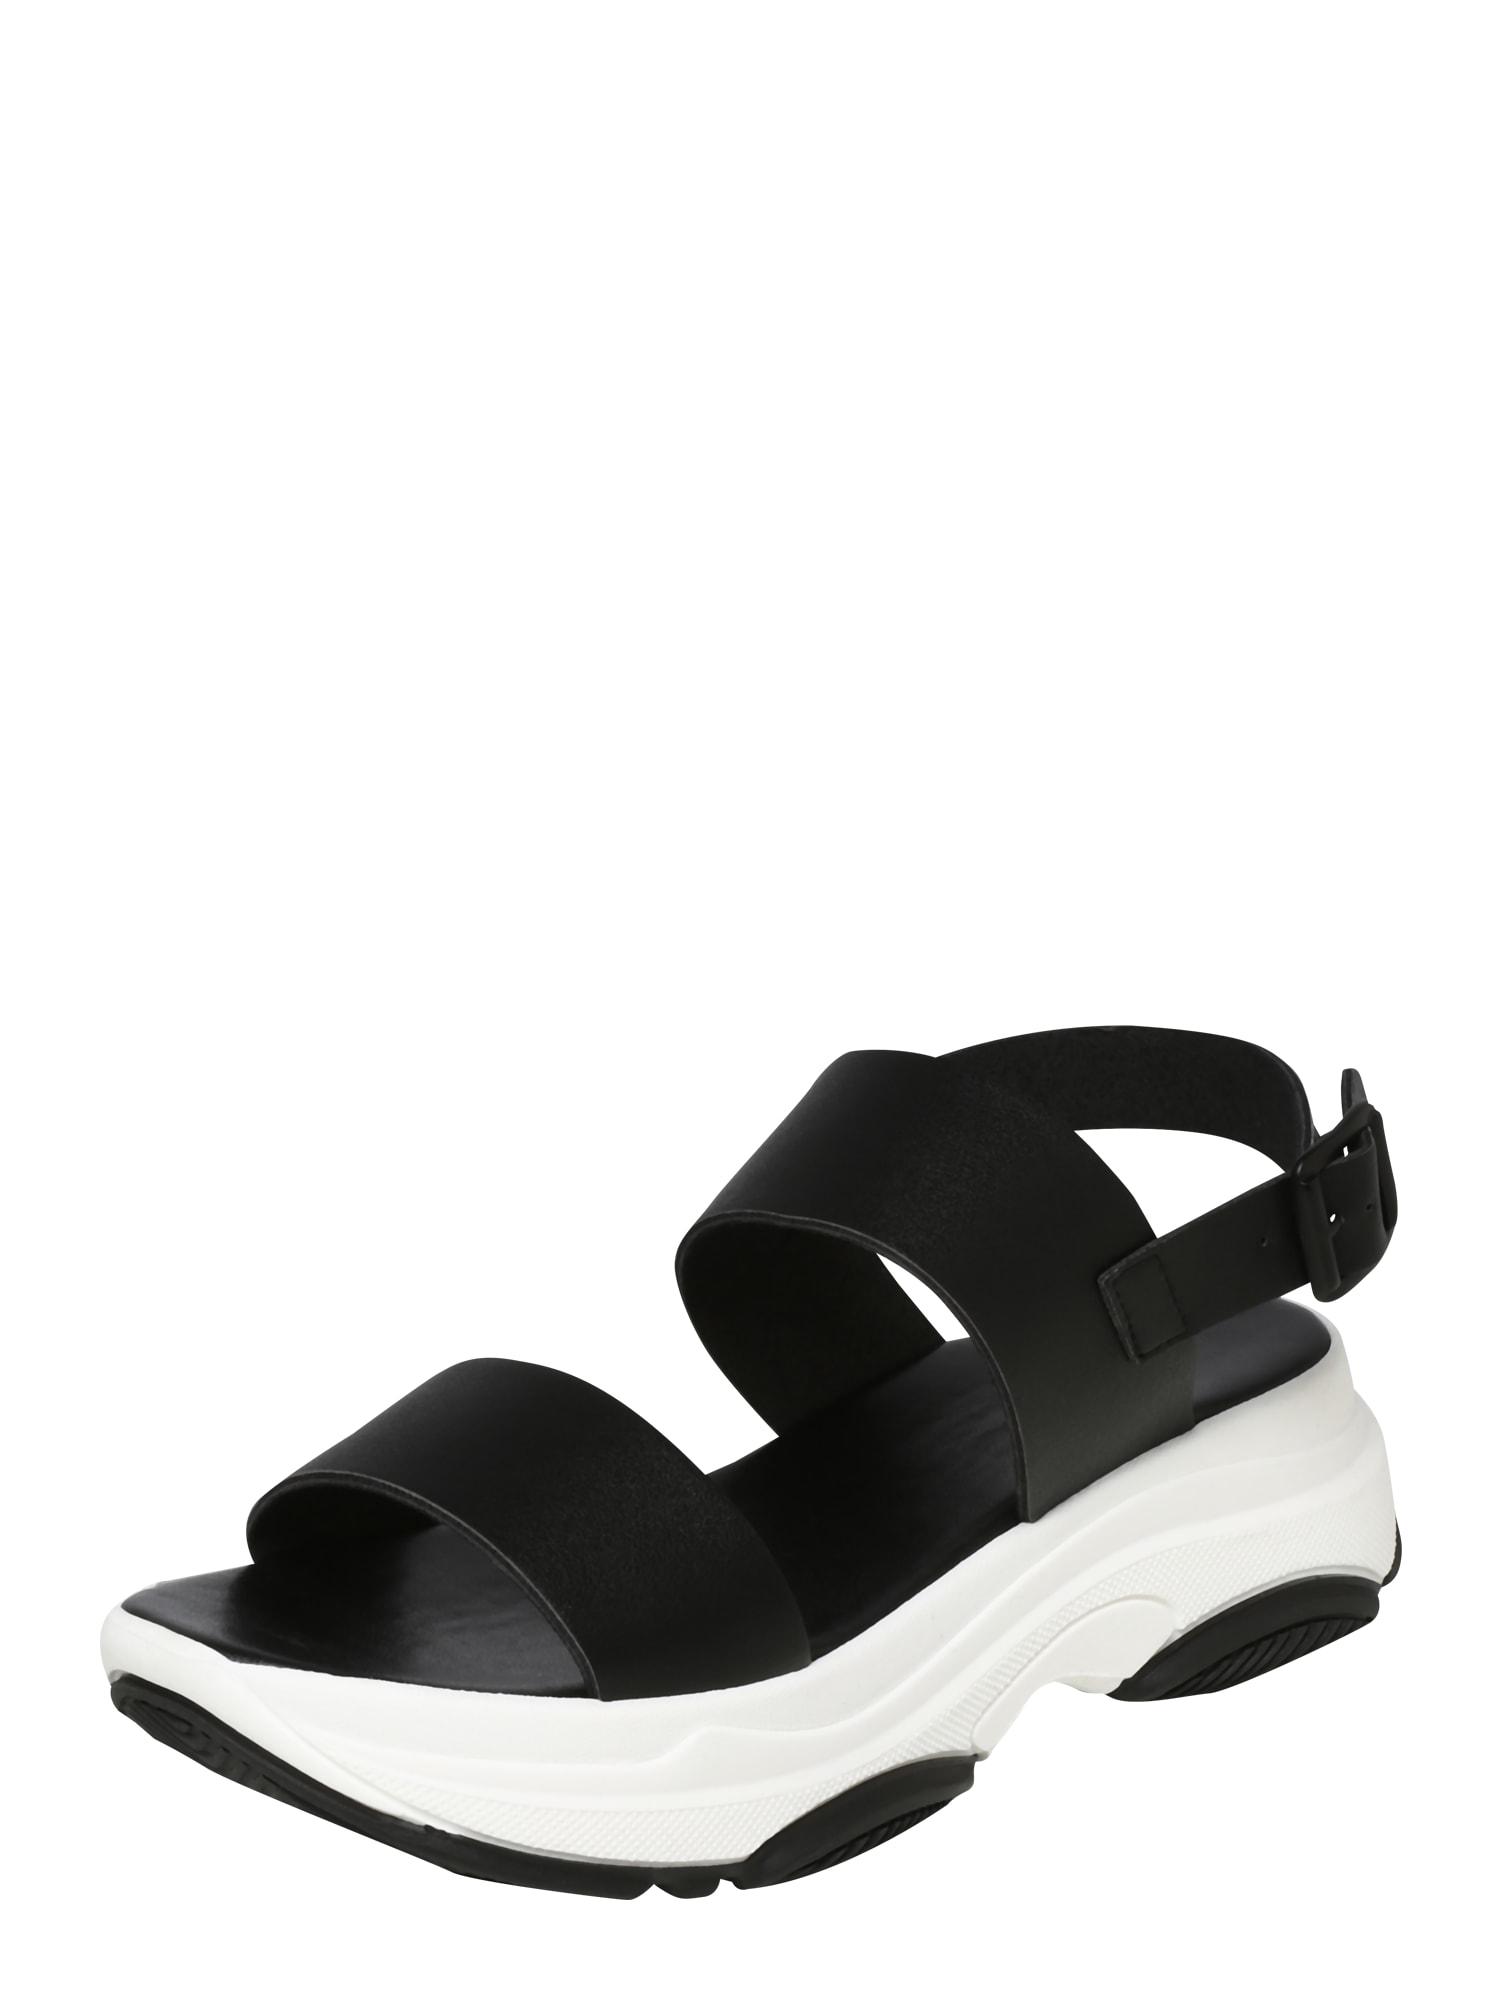 Páskové sandály Biaalia černá Bianco